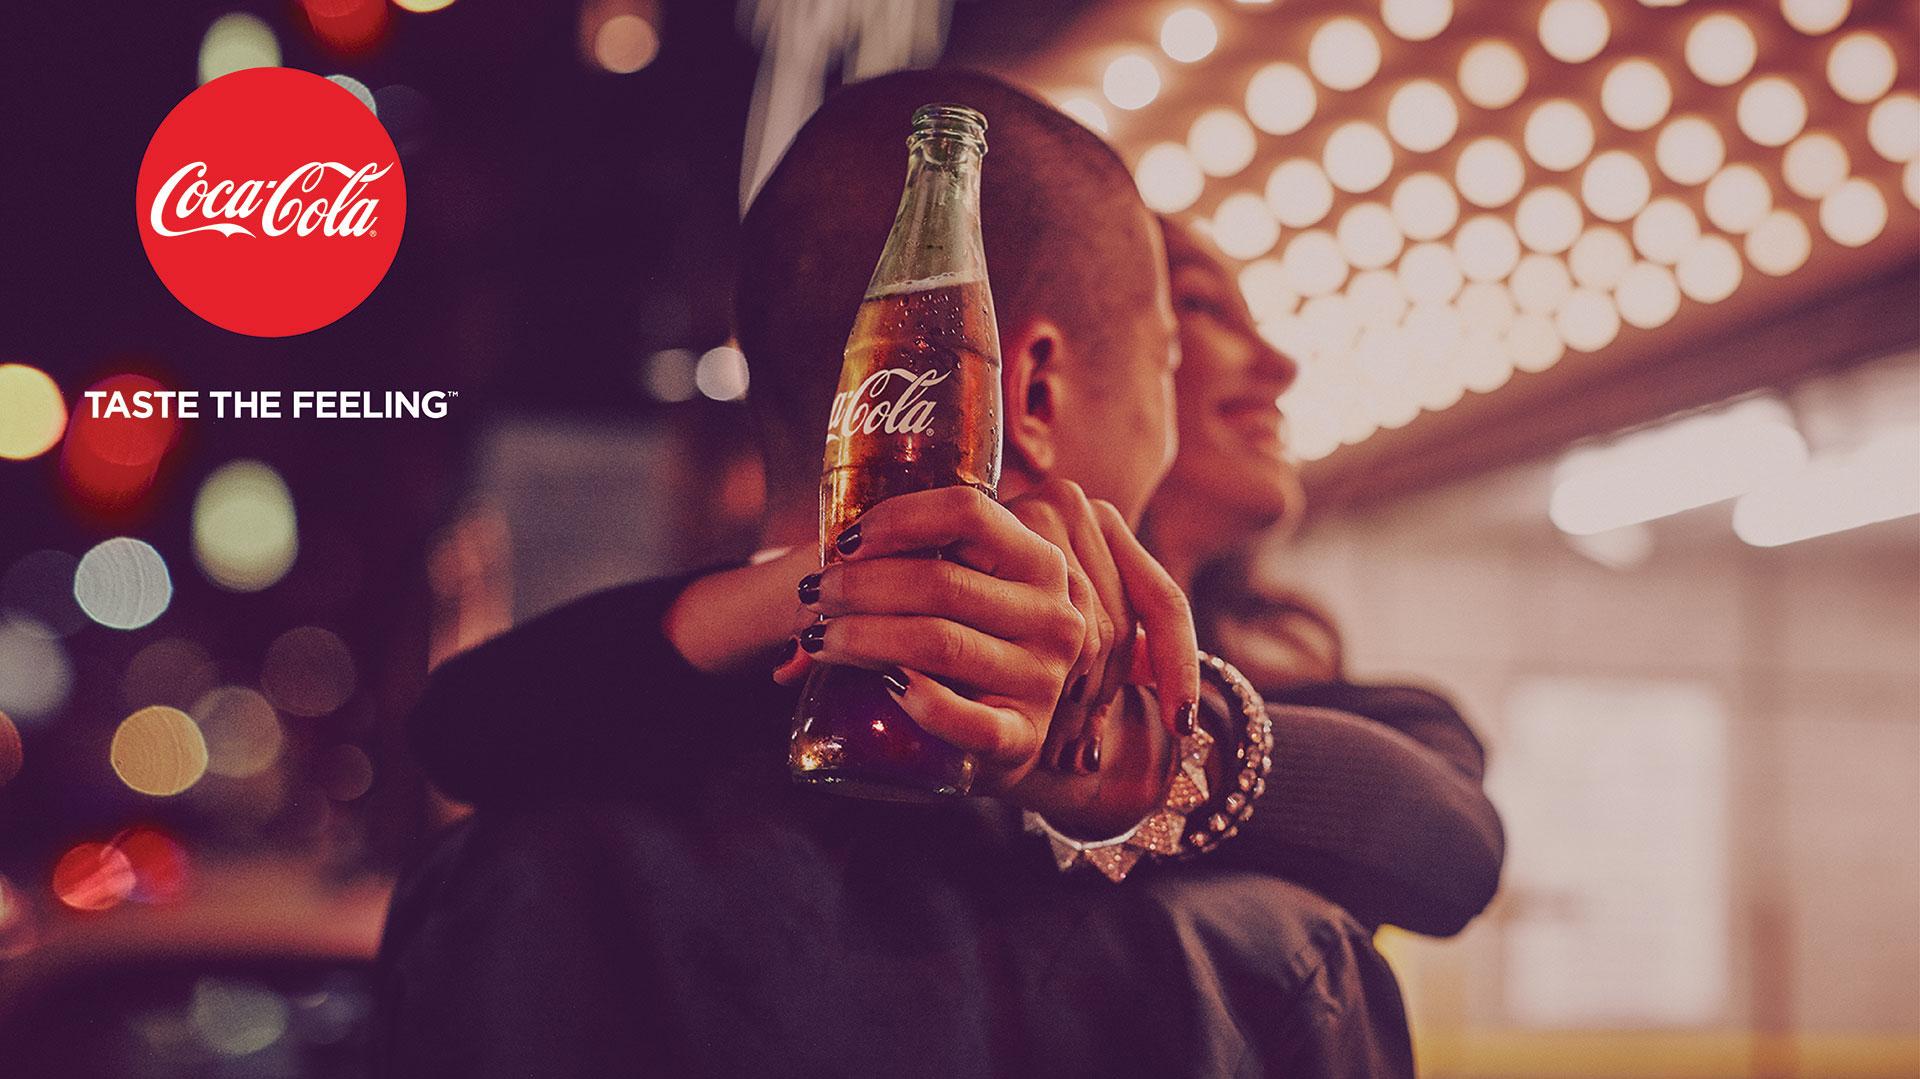 coke-taste-the-feeling-13.jpg